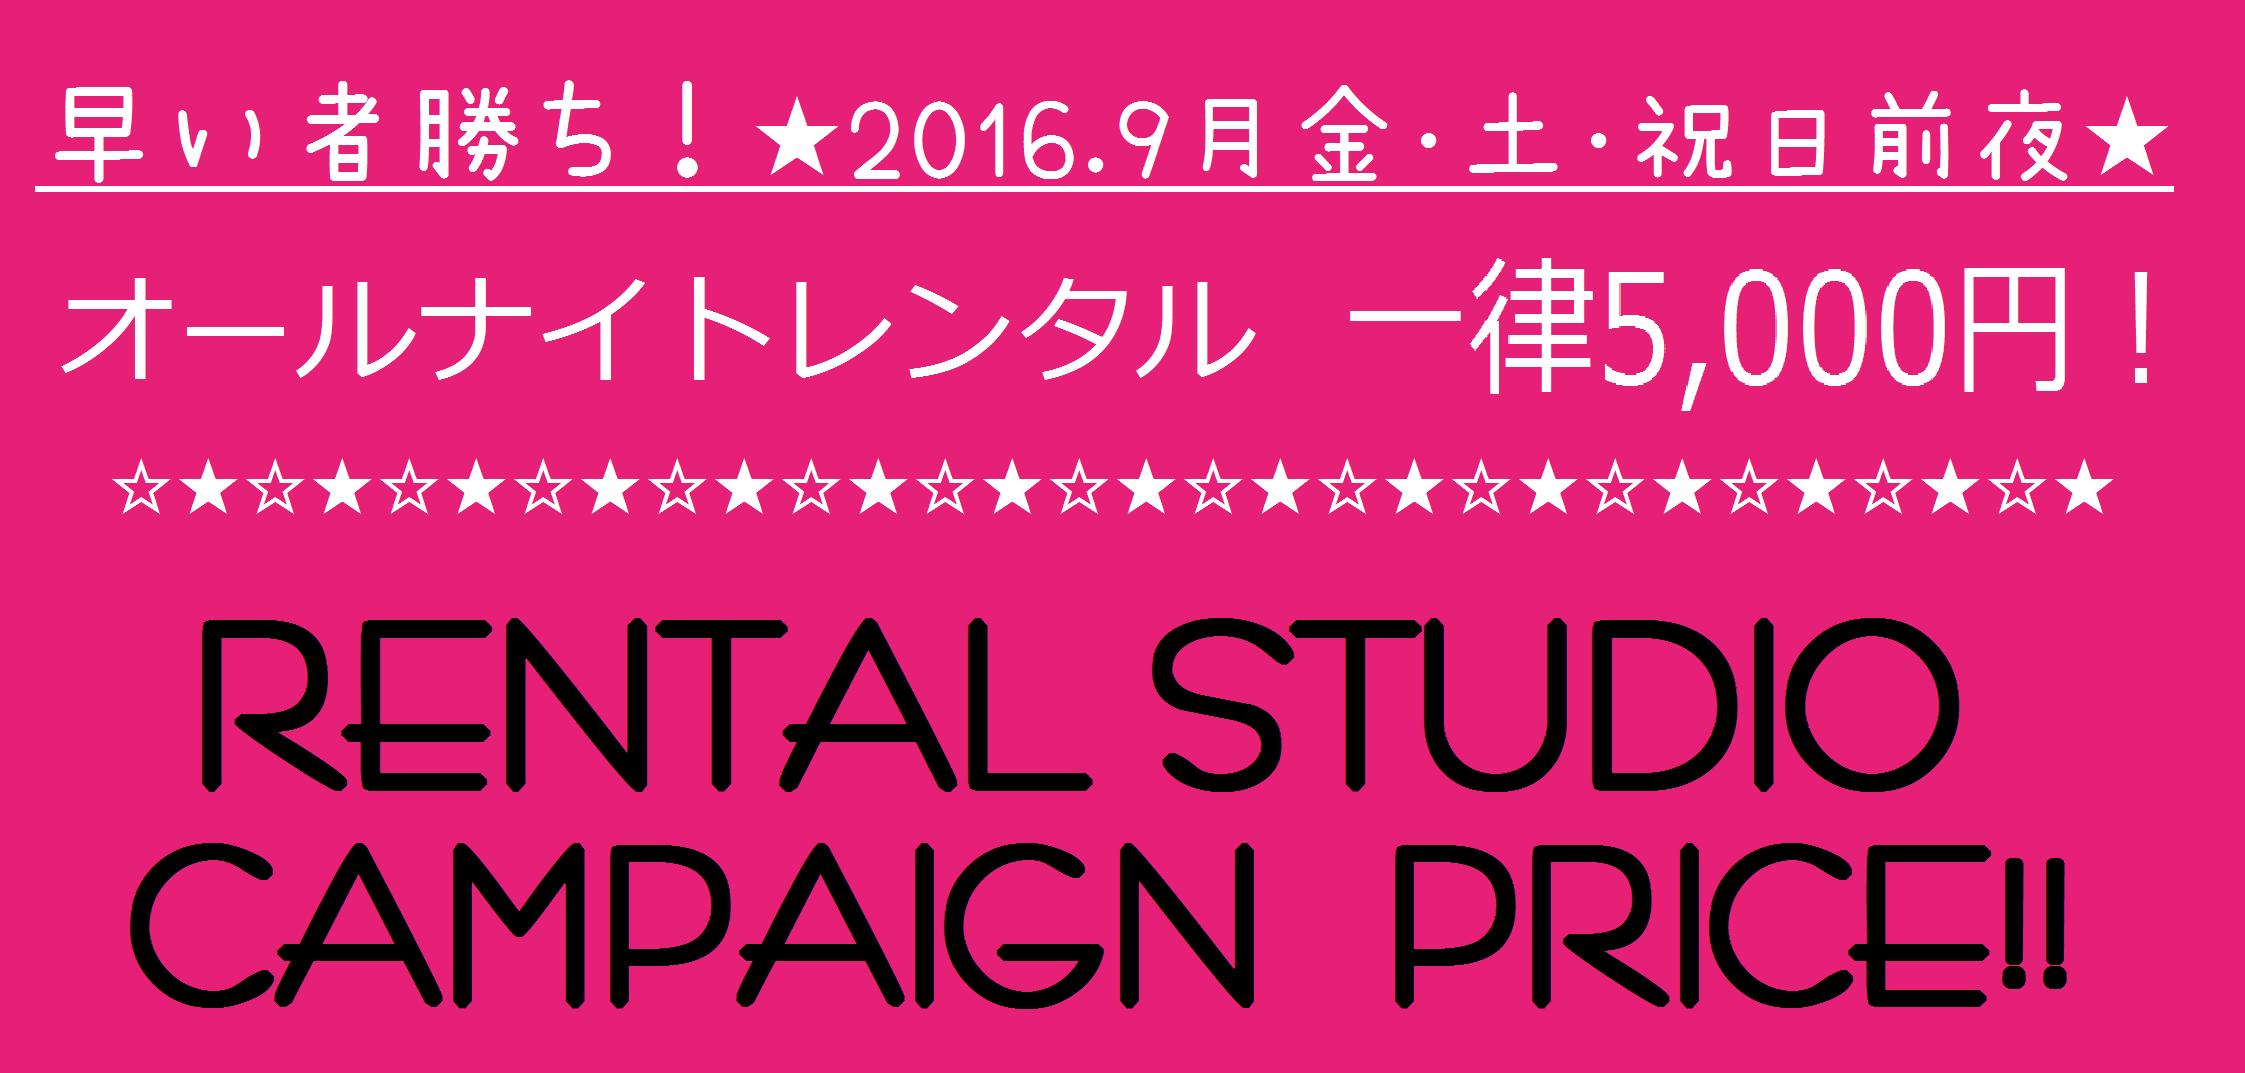 レンタルスタジオ キャンペーンバナー(2016.9 深夜)